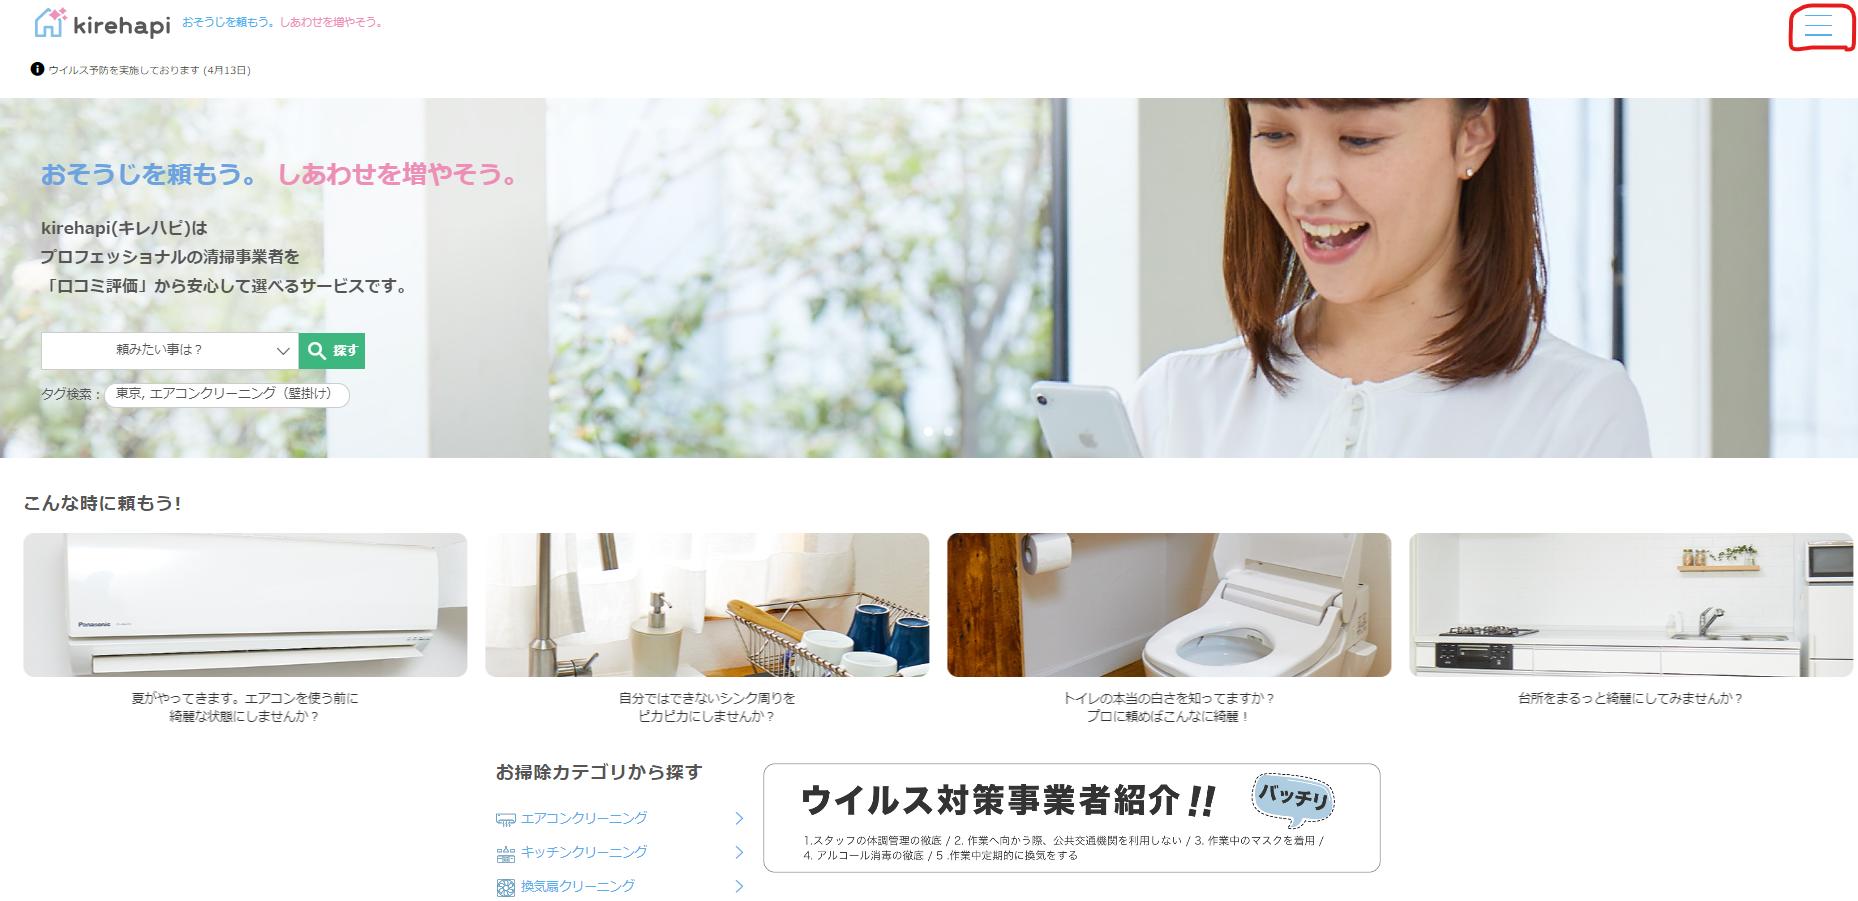 「キレハピ」公式サイトトップ画面